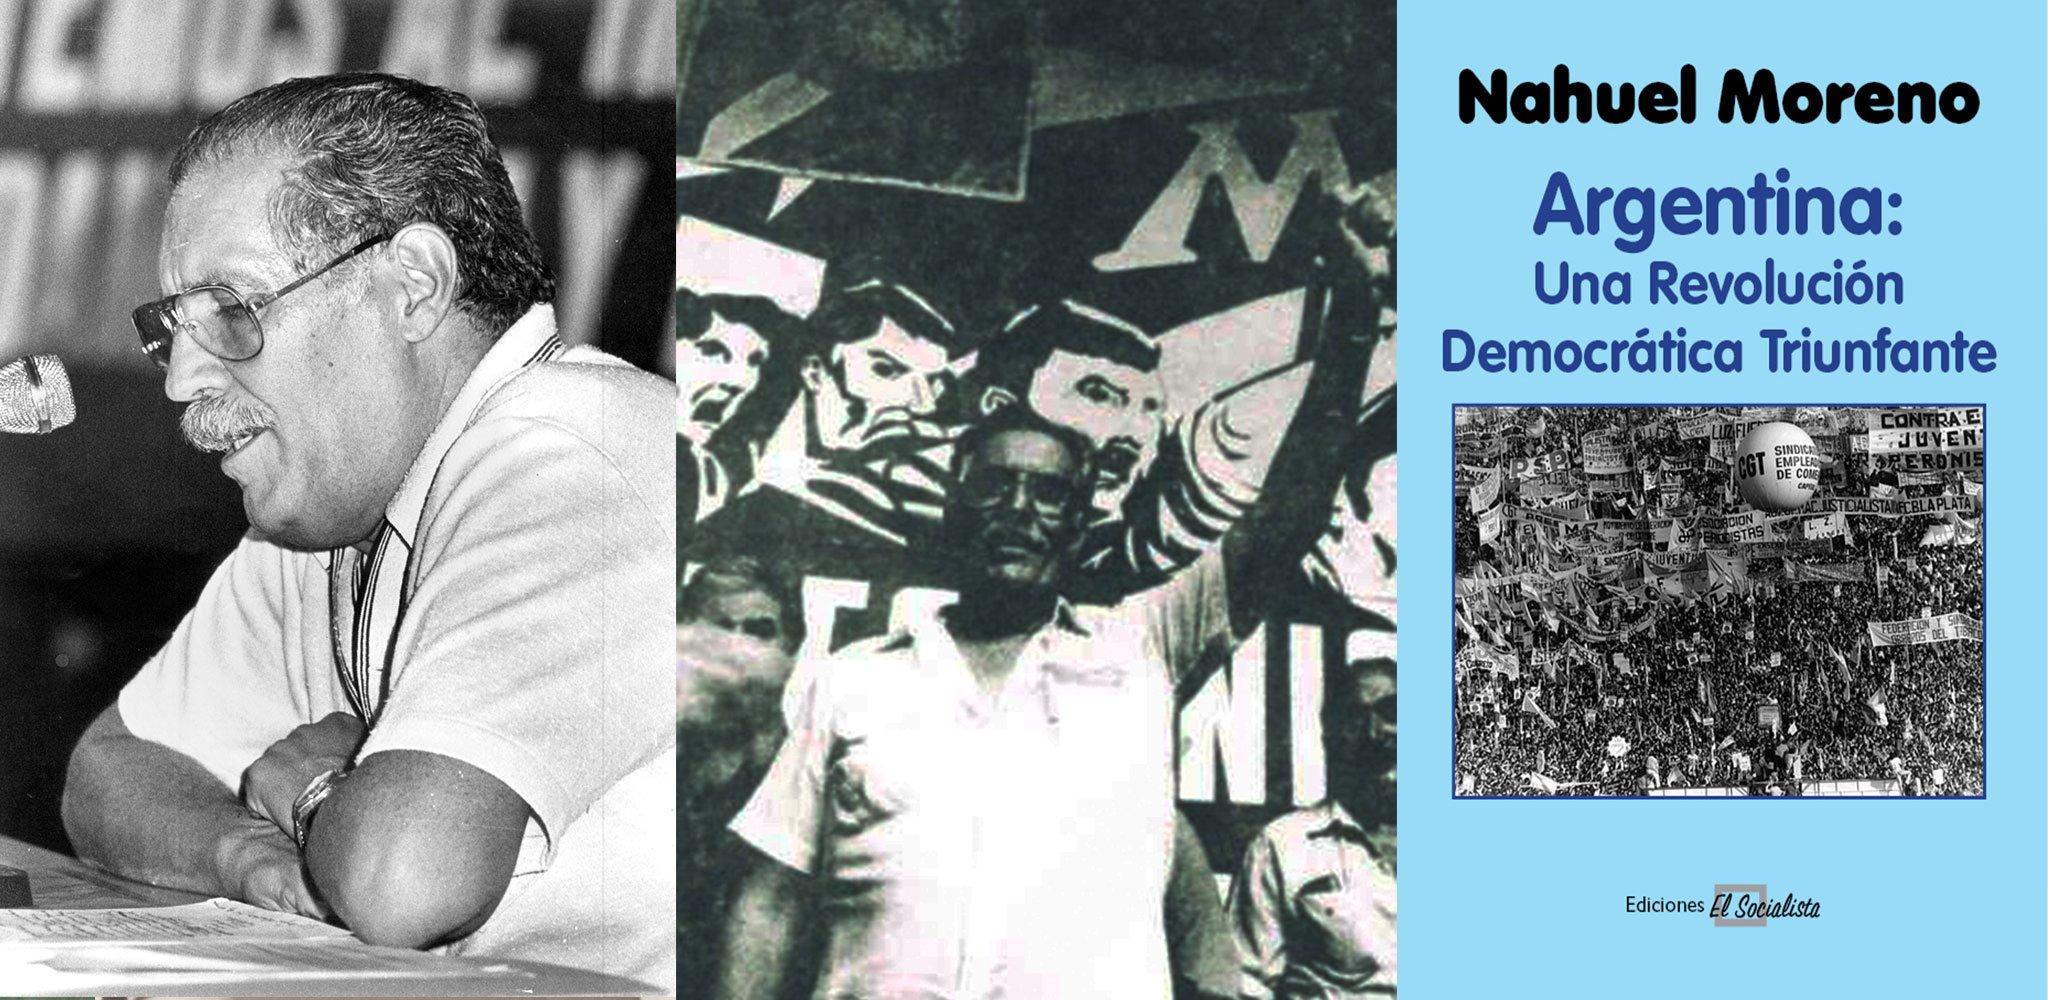 ARGENTINA: UNA REVOLUCIÓN DEMOCRÁTICA TRIUNFANTE (1983)